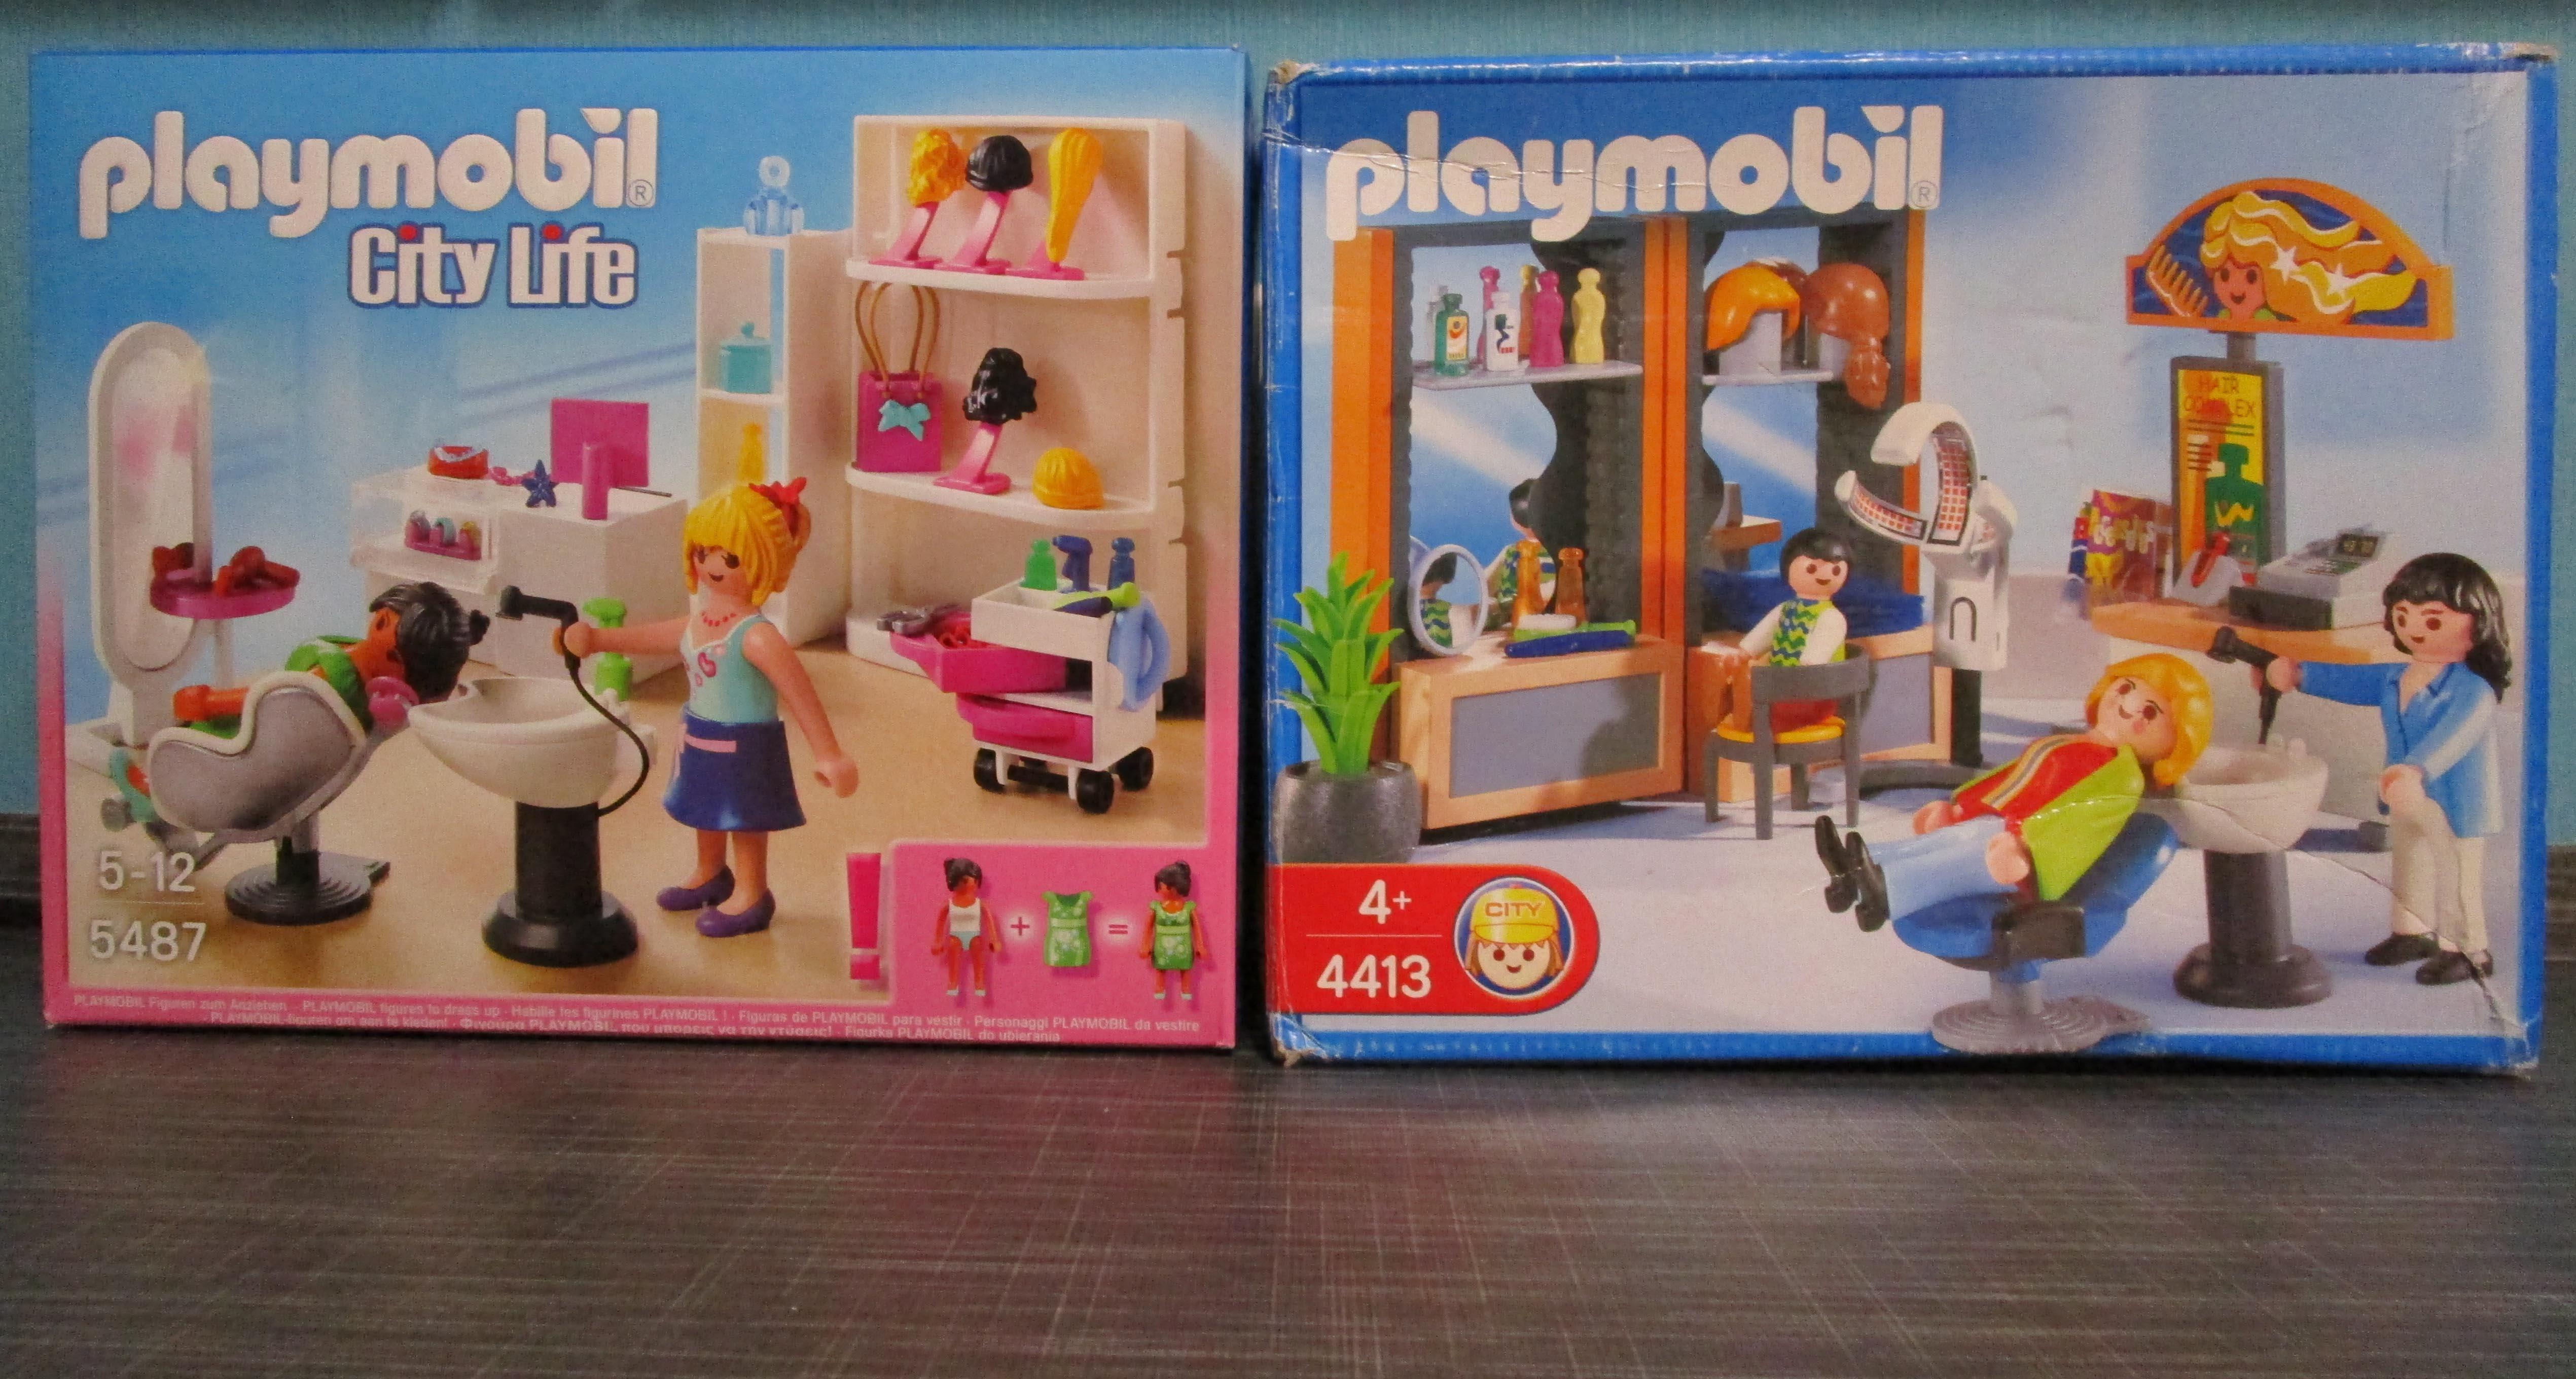 Playmobil-im-Vergleich- 5487-vs-4413